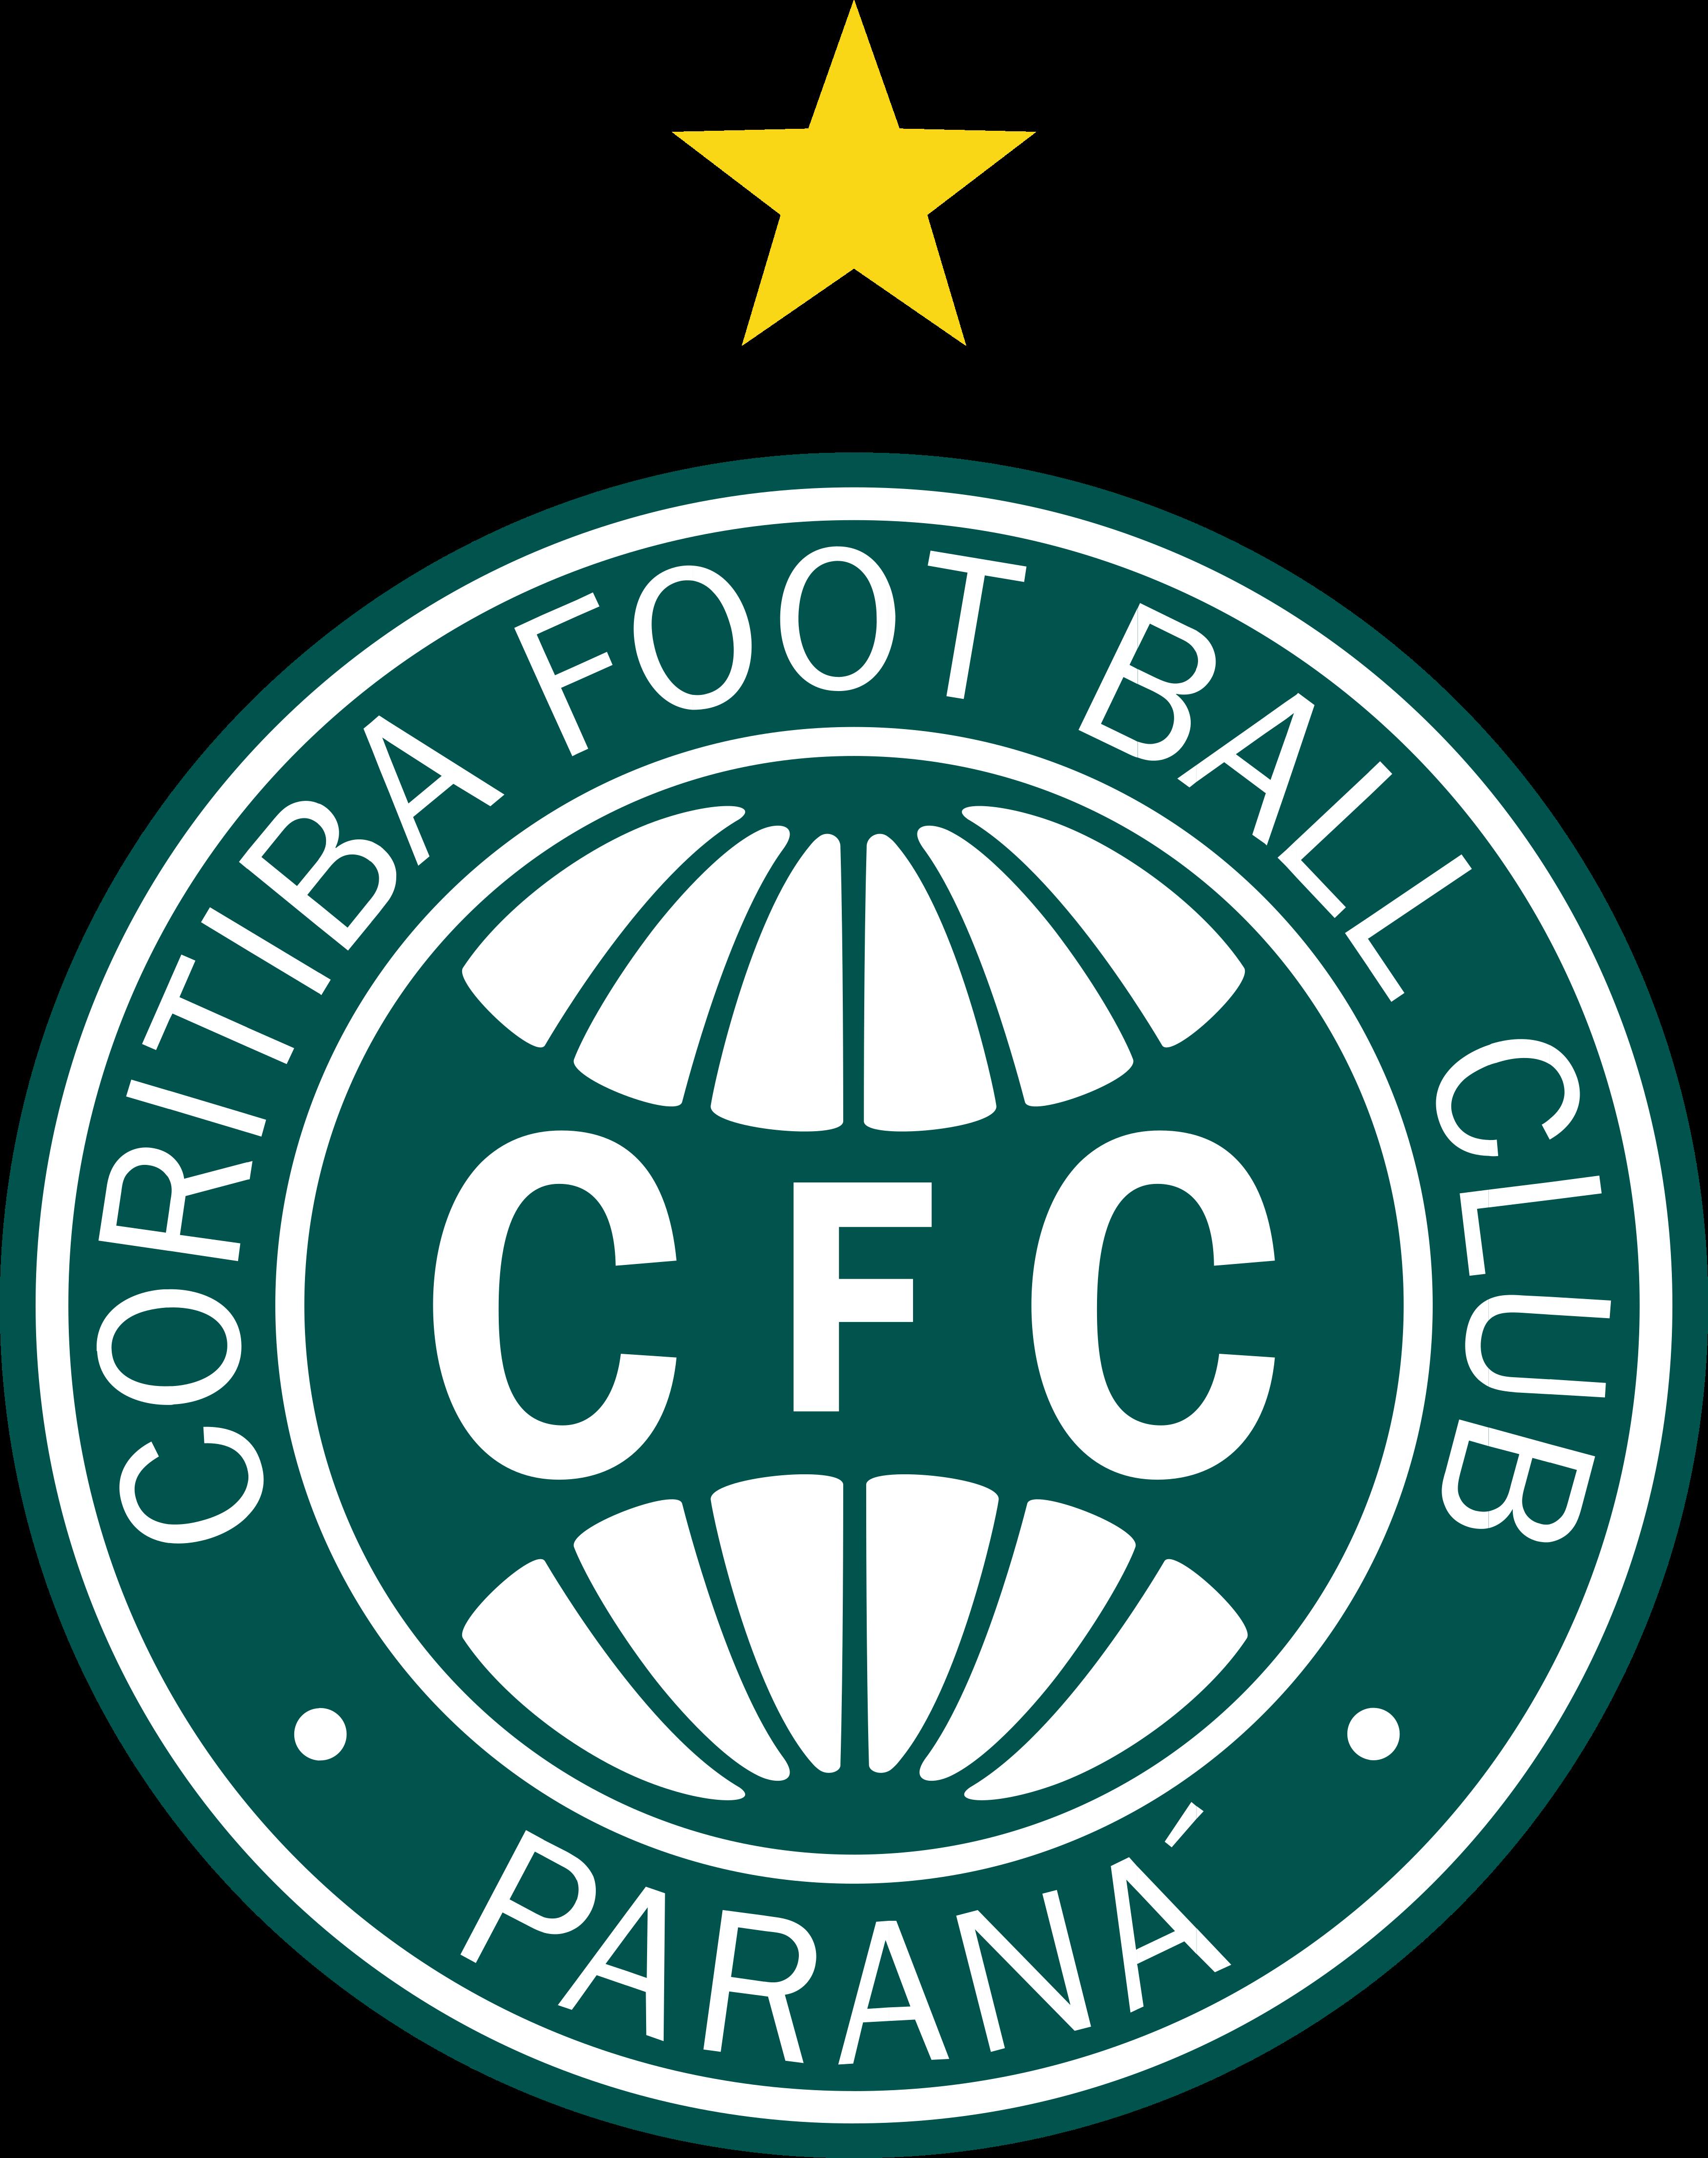 coritiba logo escudo 1 - Coritiba FC Logo